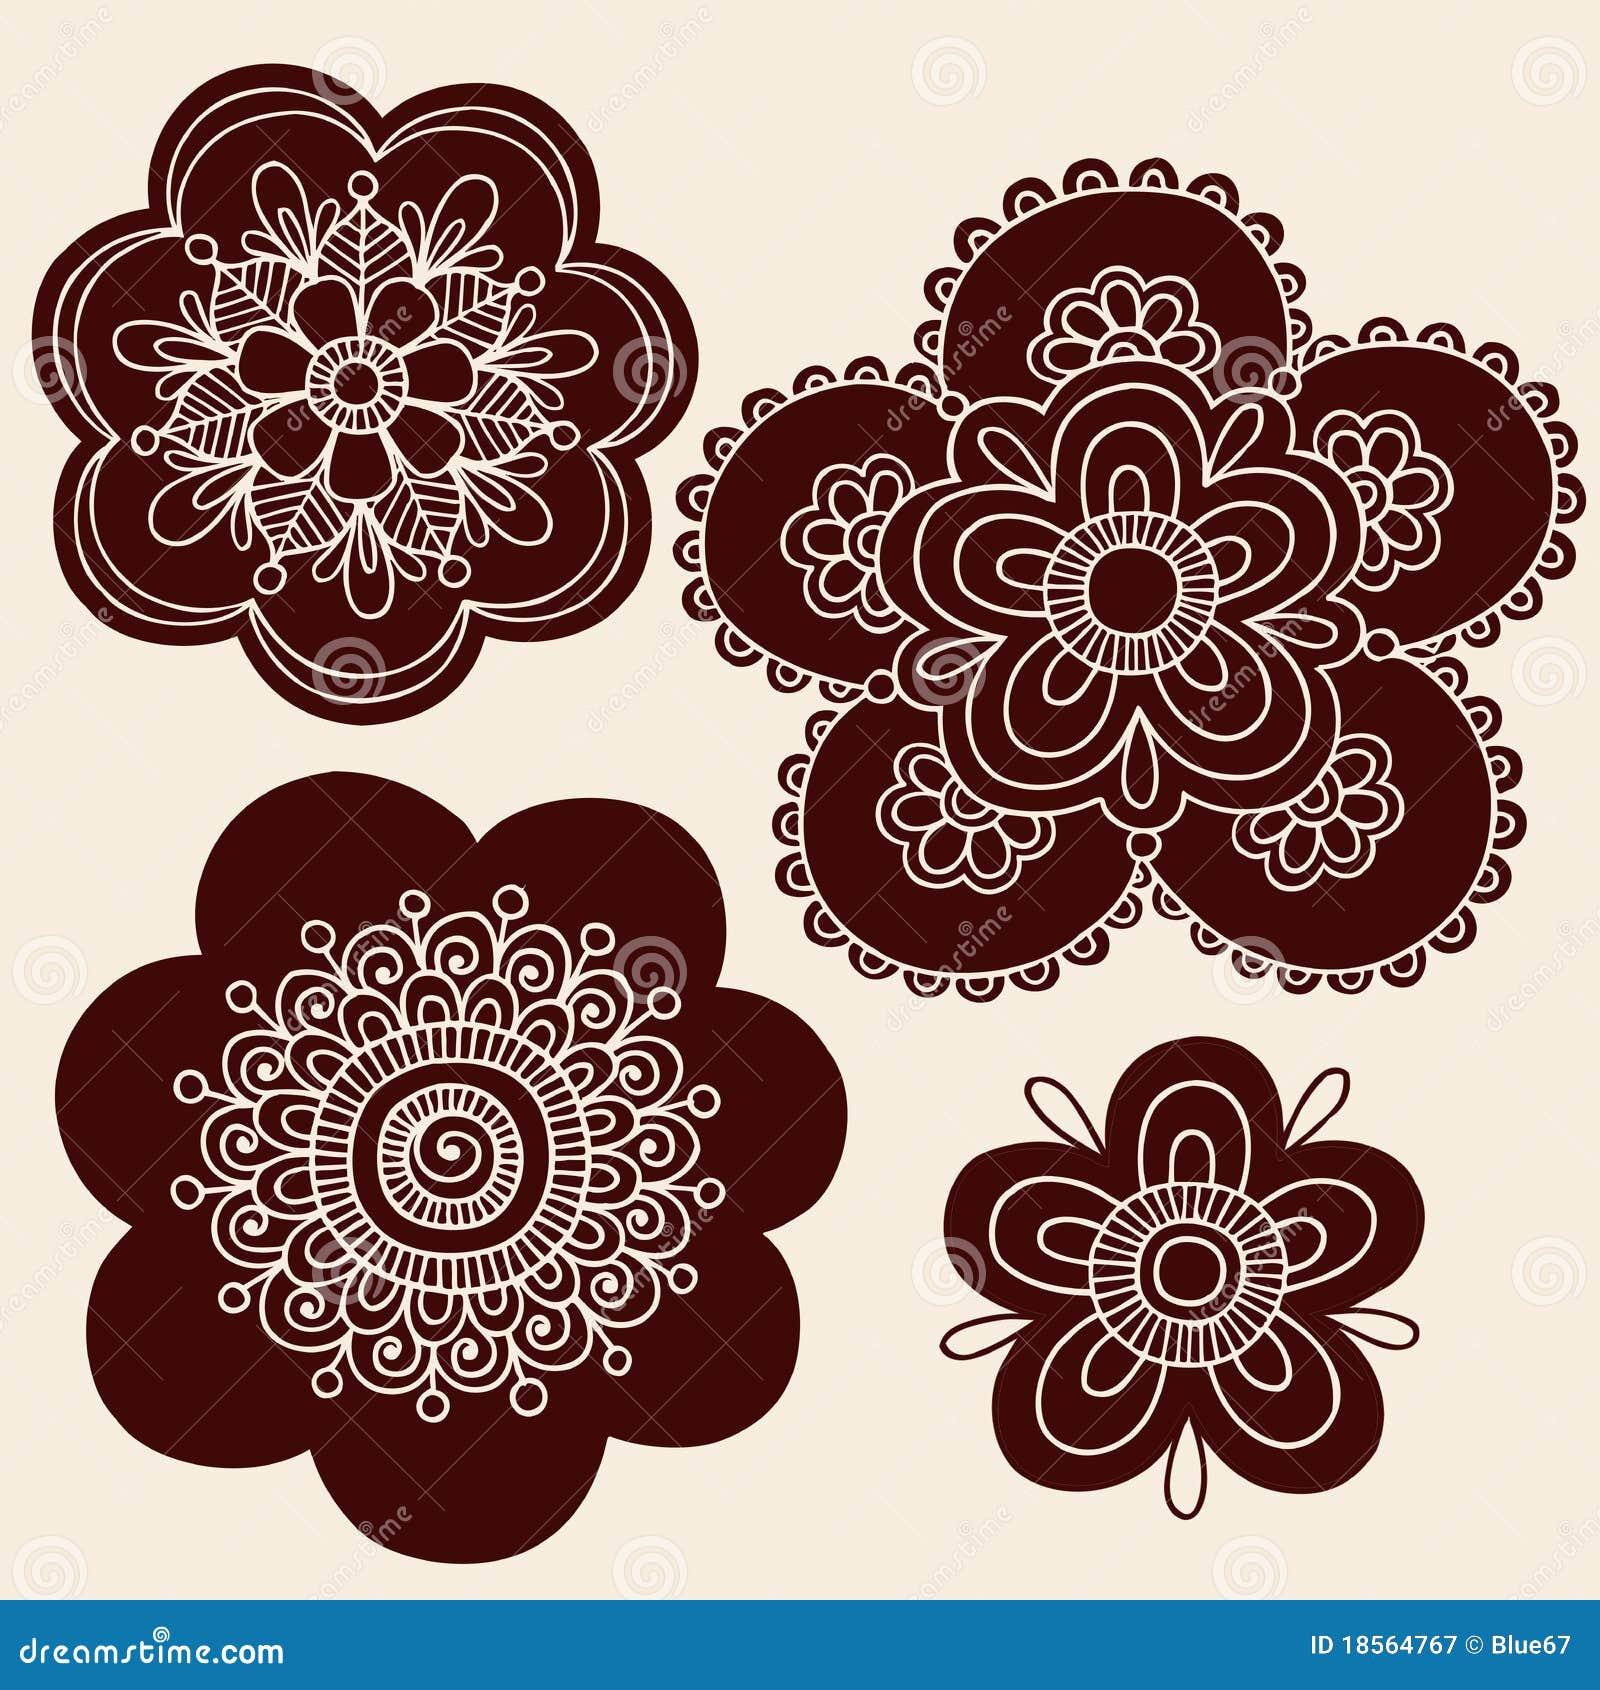 Henna Mehndi Vector Free : Henna mehndi tattoo flower silhouettes vector stock